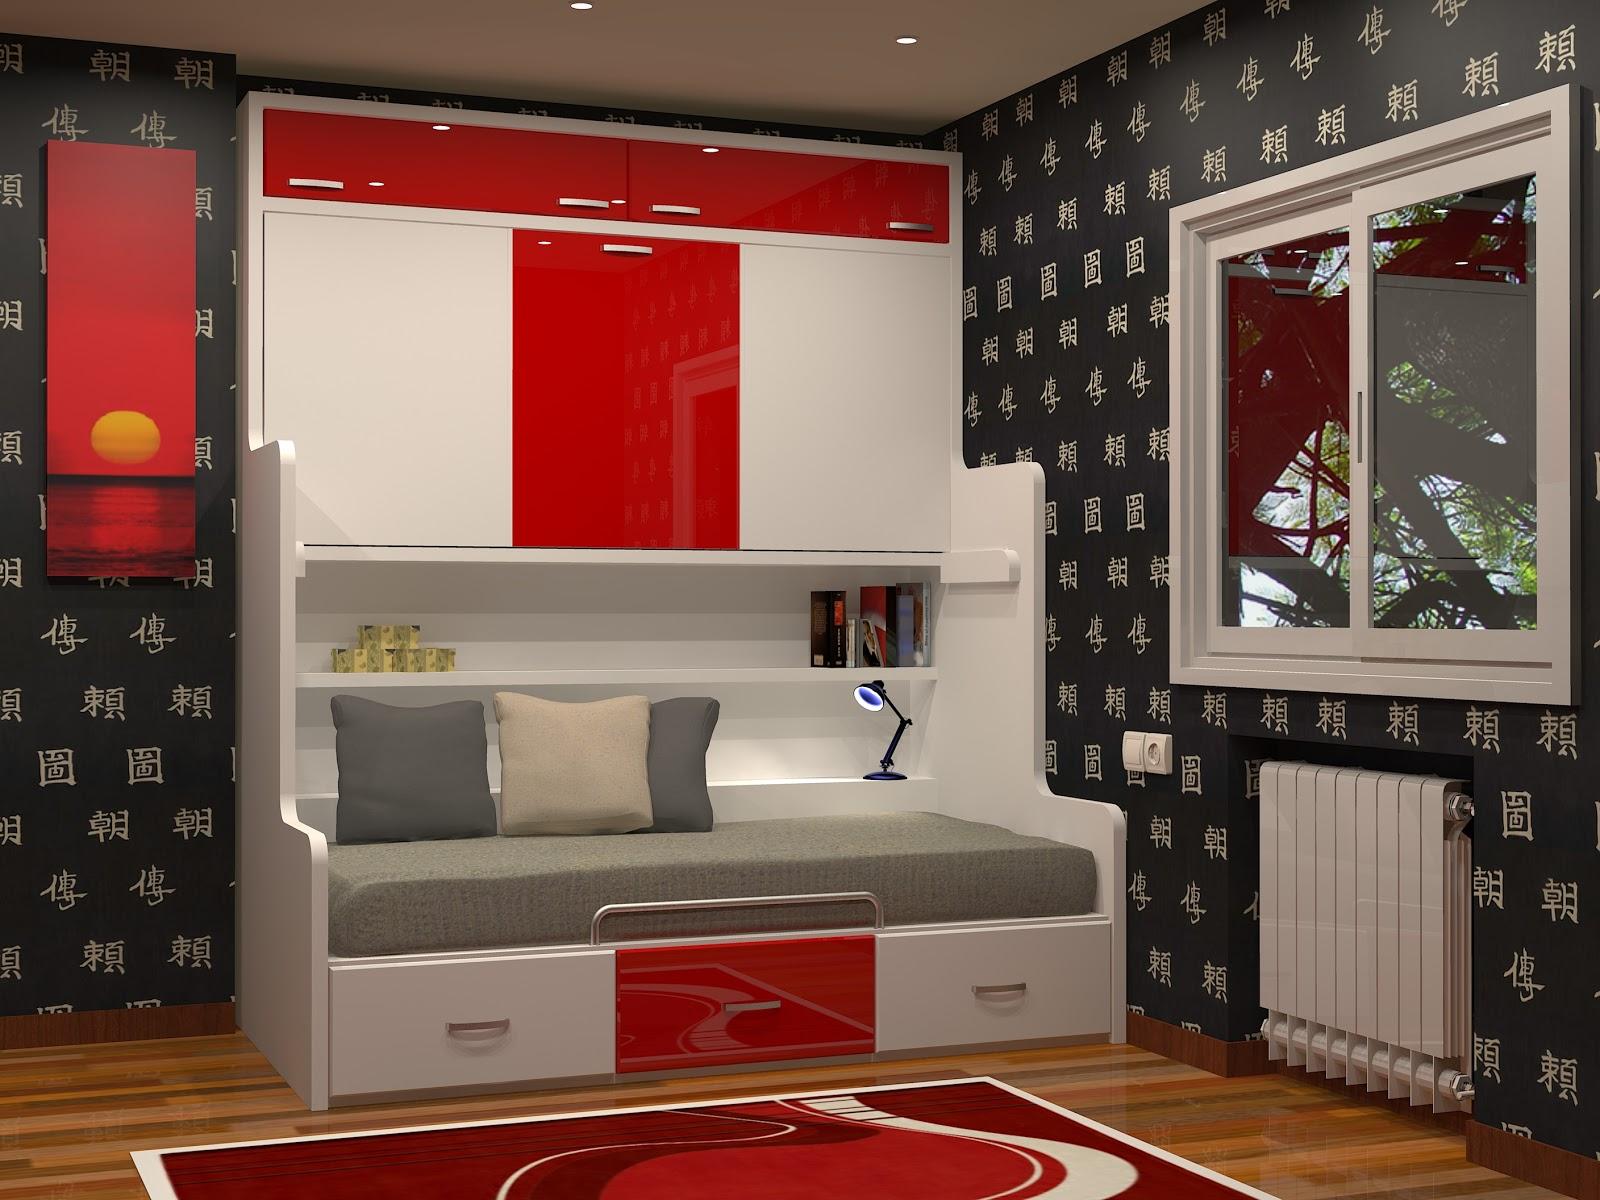 Tienda dormitorios juveniles decoraci n integral para tu - Camas abatibles juveniles para espacios reducidos ...